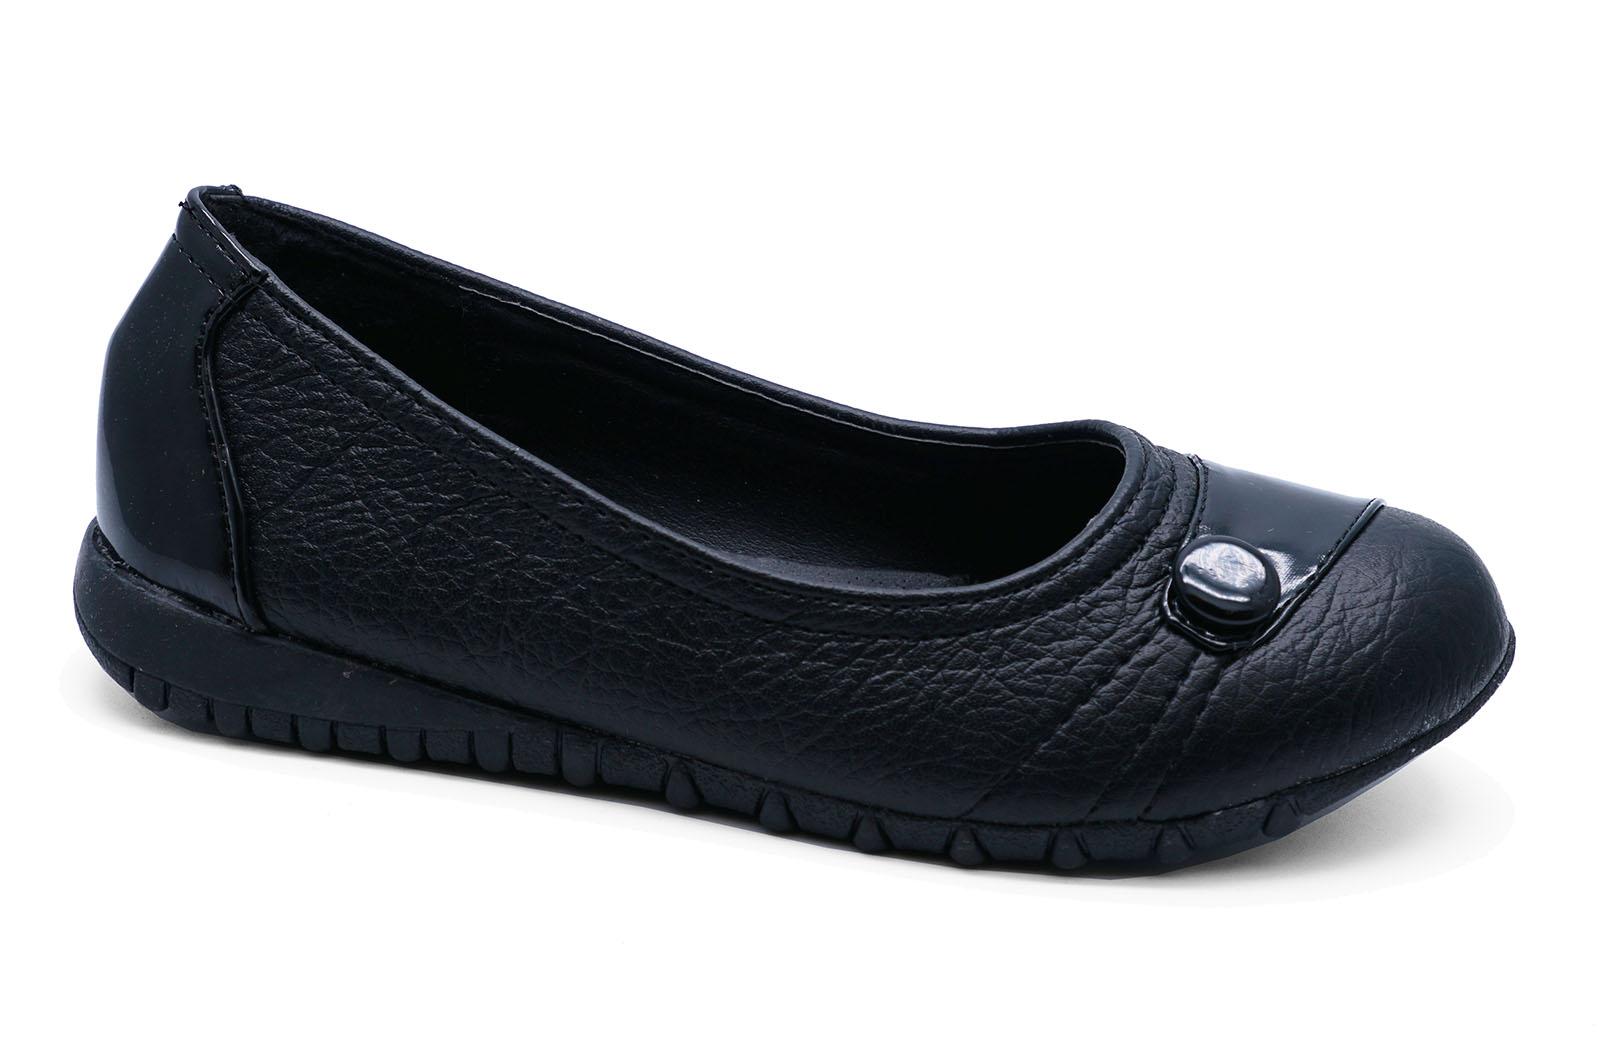 MÄDCHEN KINDER JUNIOR schwarz Schul Smart flach Kinder Schuhe Pumps Größen 12-3